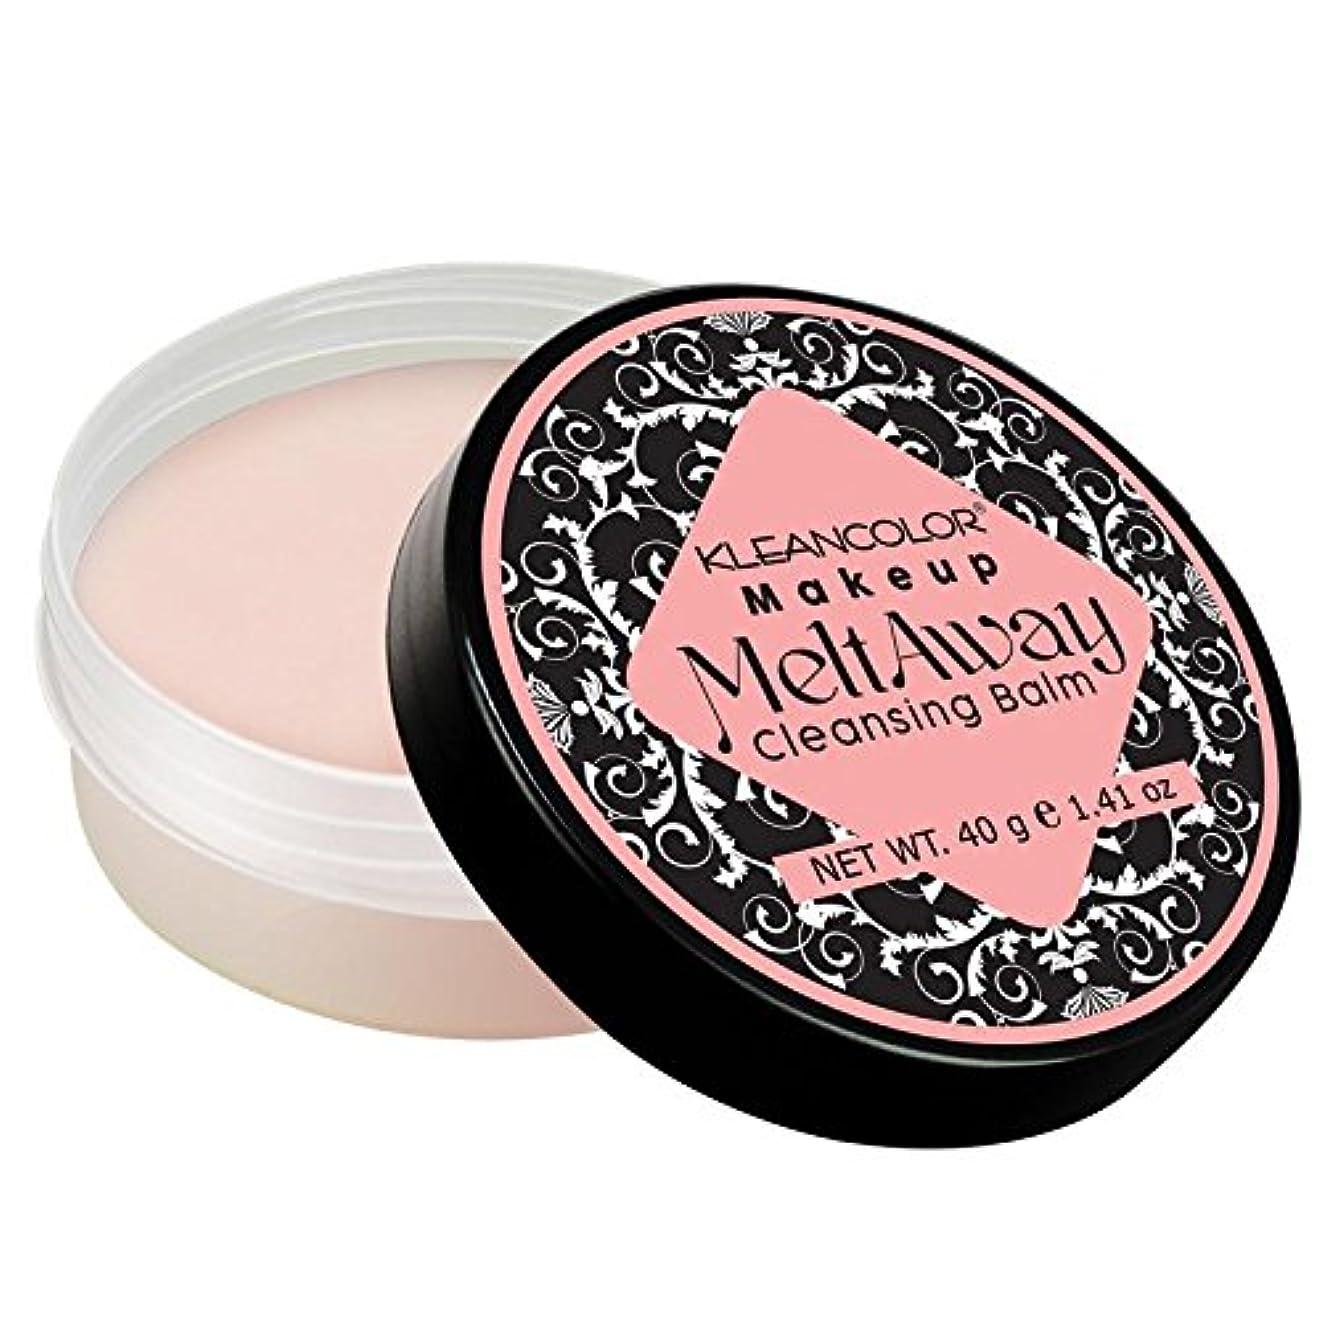 ペスト五十辞任するKLEANCOLOR Makeup Meltaway Cleansing Balm (並行輸入品)